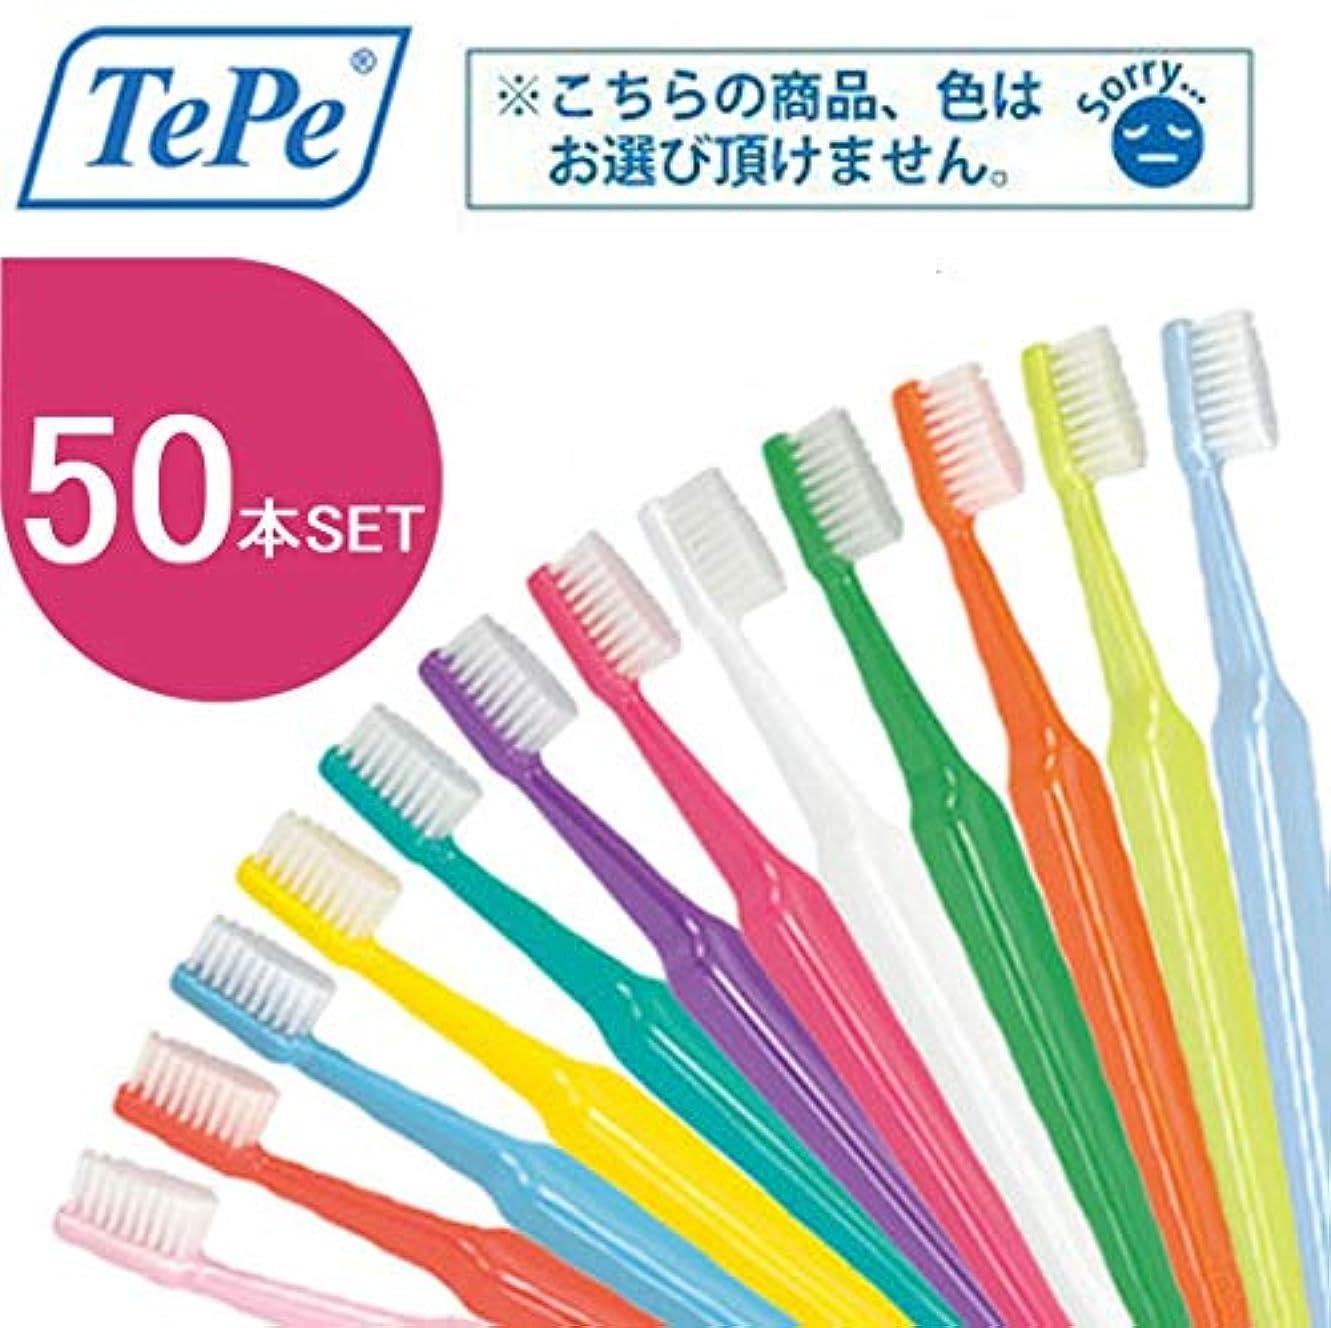 昇進崇拝する寝室クロスフィールド TePe テペ セレクト 歯ブラシ 50本 (ミディアム)